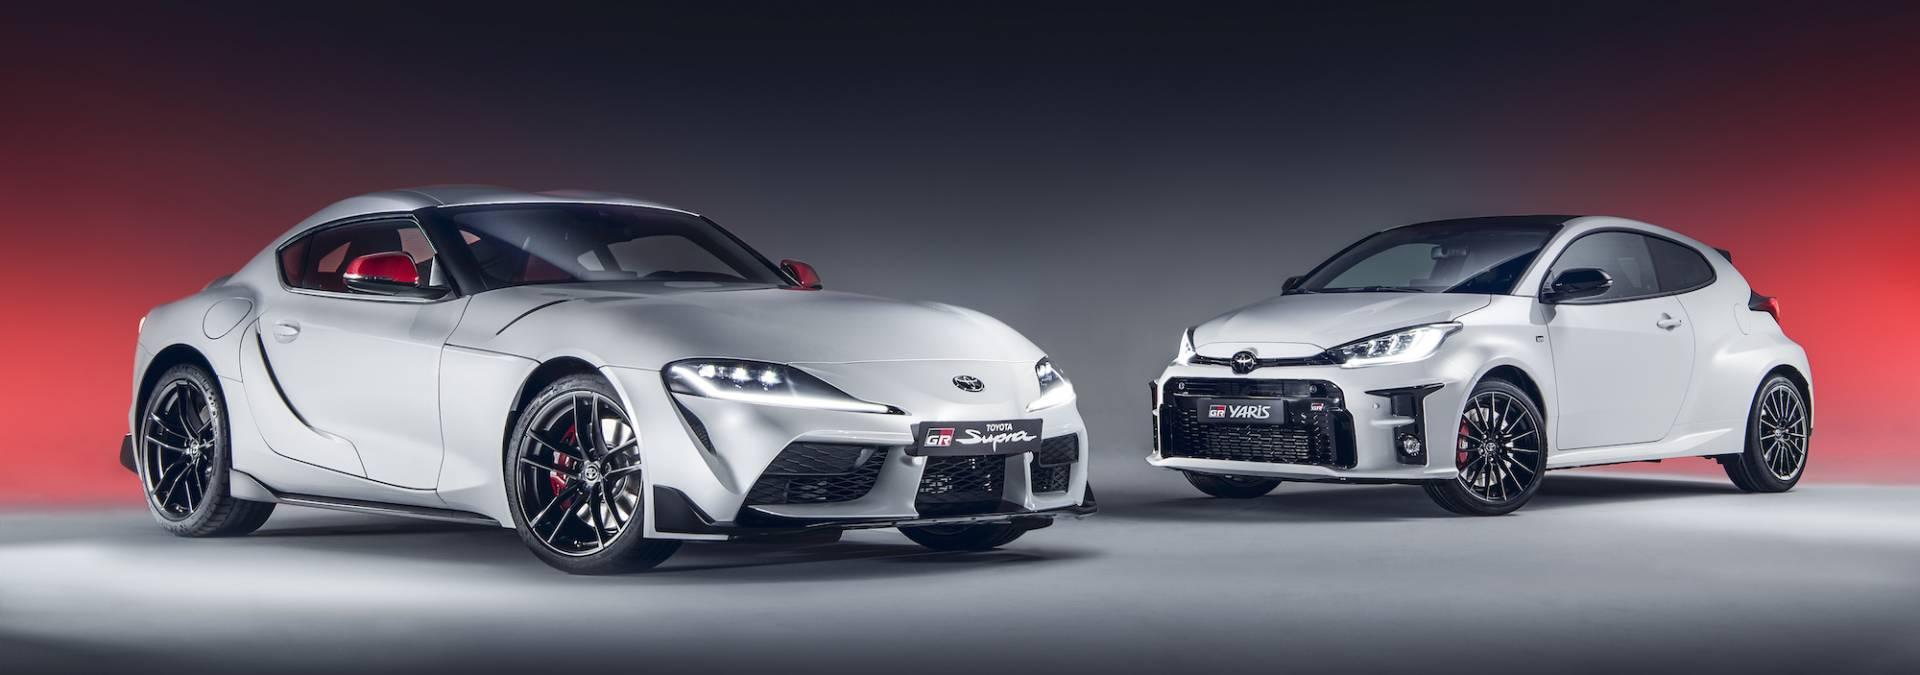 Flota GR 2021 - co to za auta?